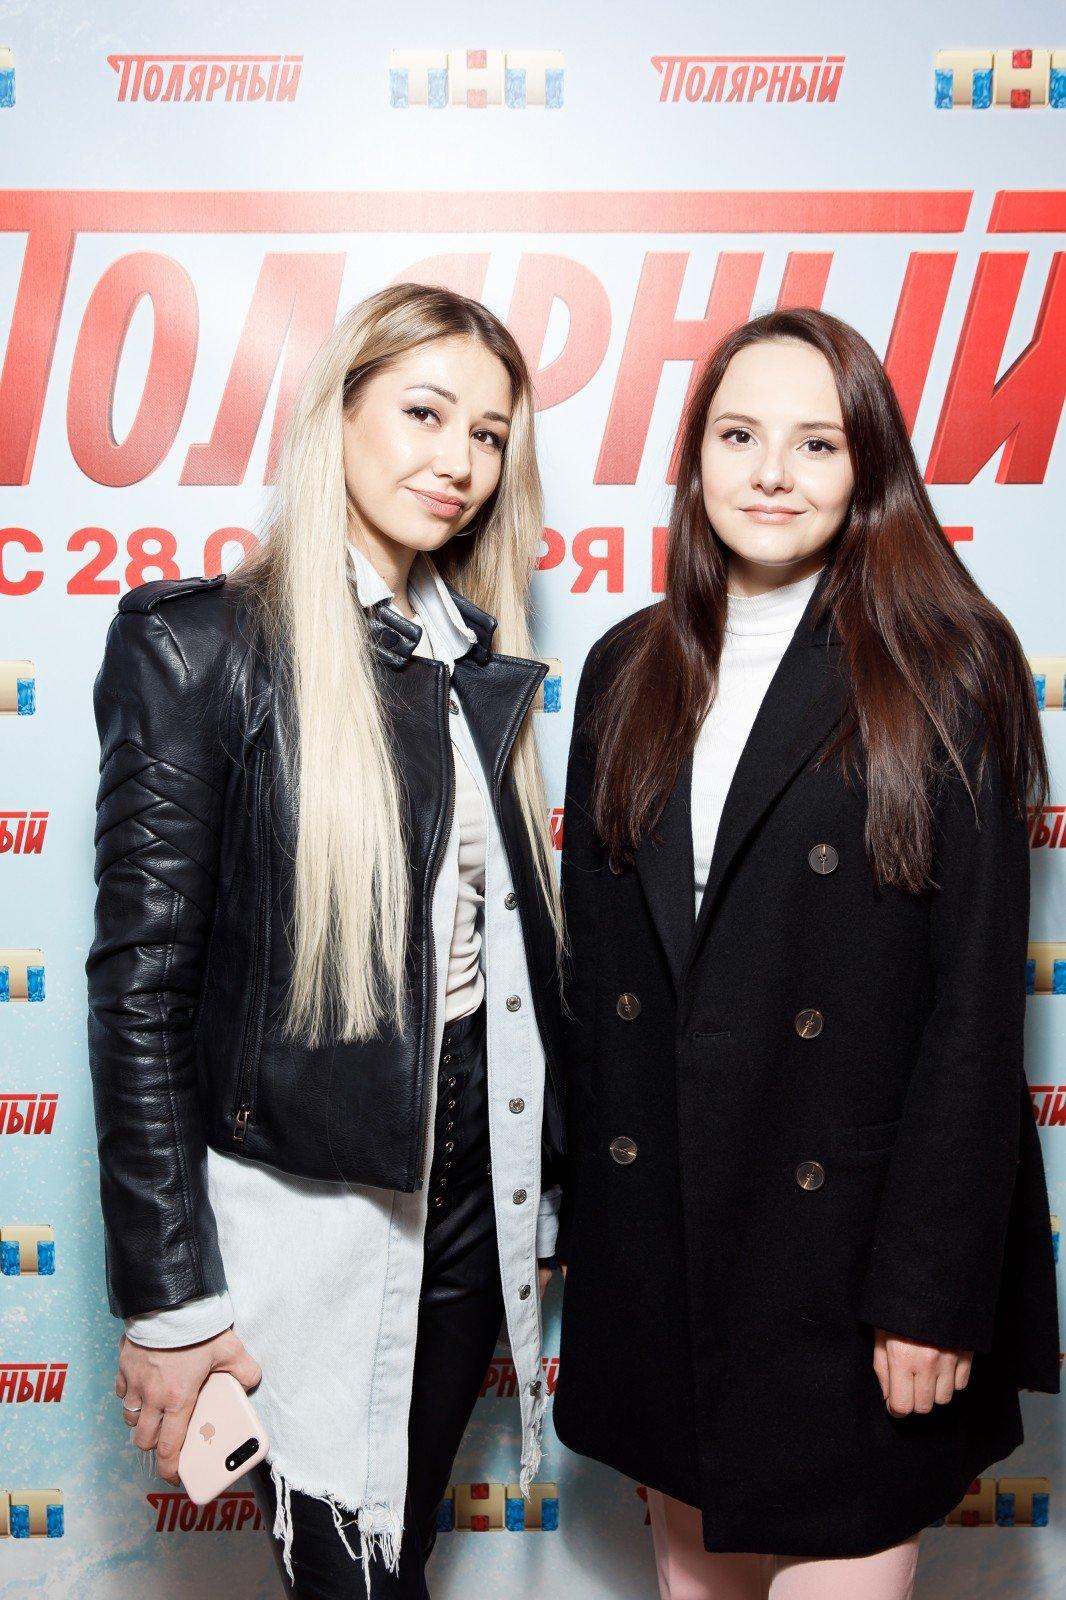 Редкий выход: Михаил Пореченков появился вместе с женой на премьере сериала